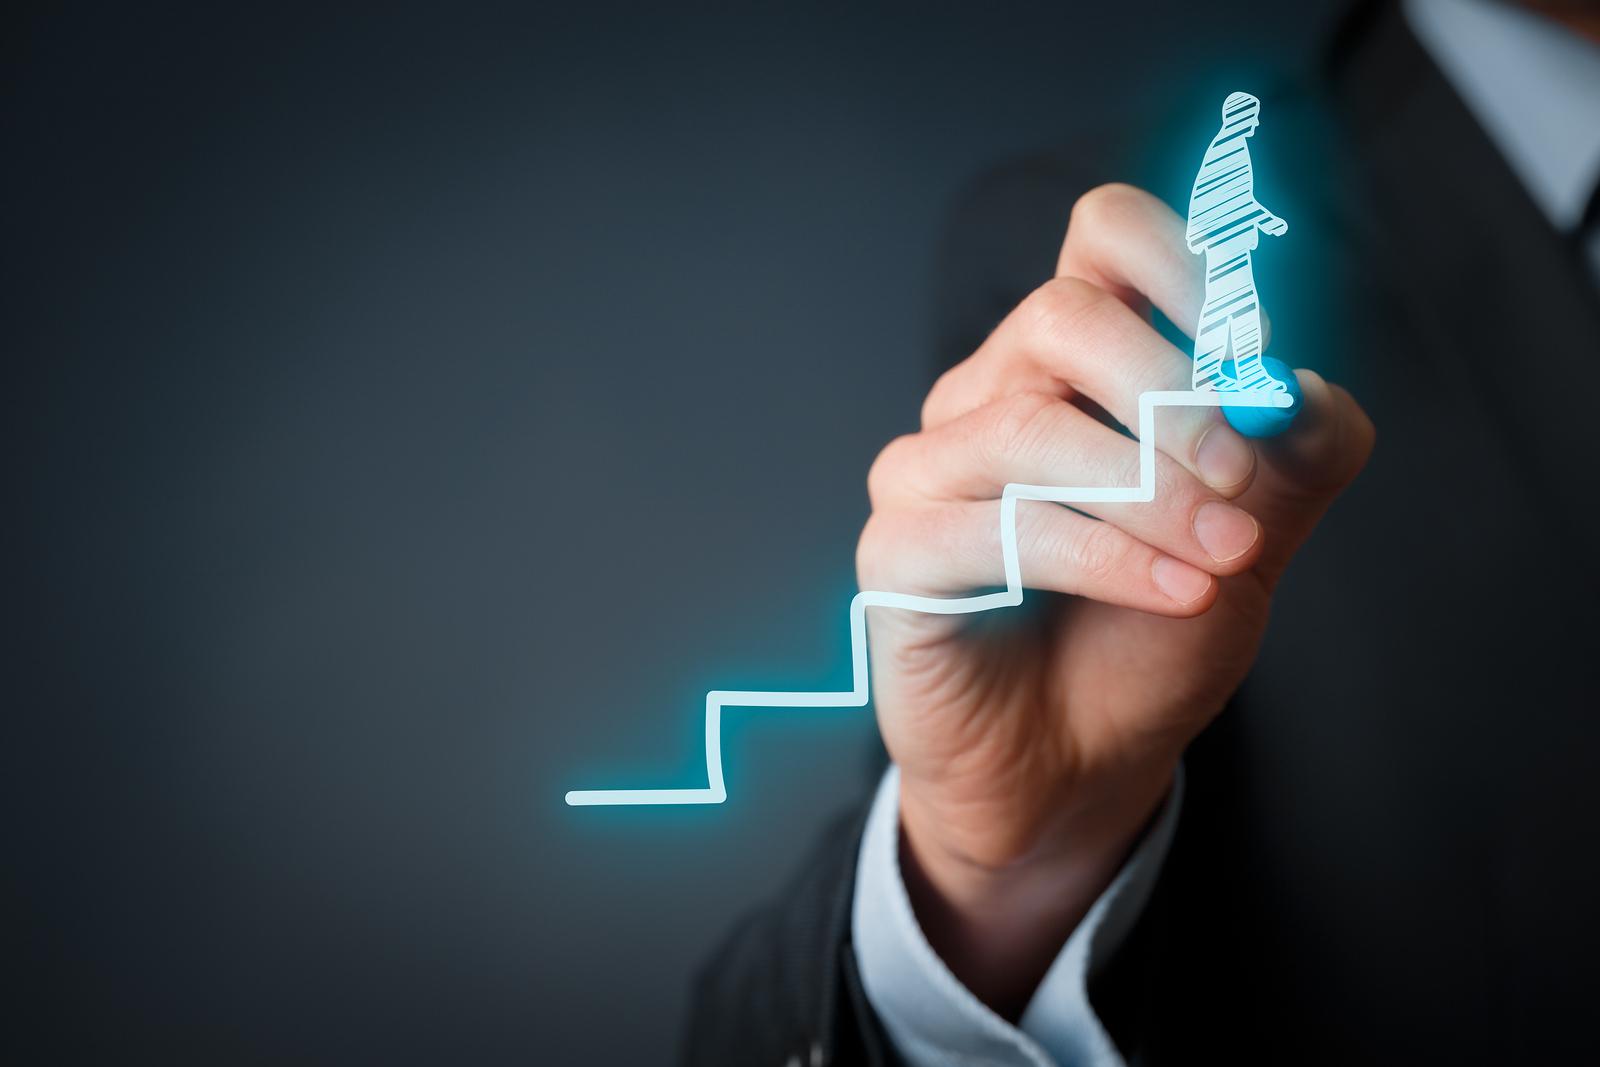 bigstock-Success-In-Career-83551307.jpg